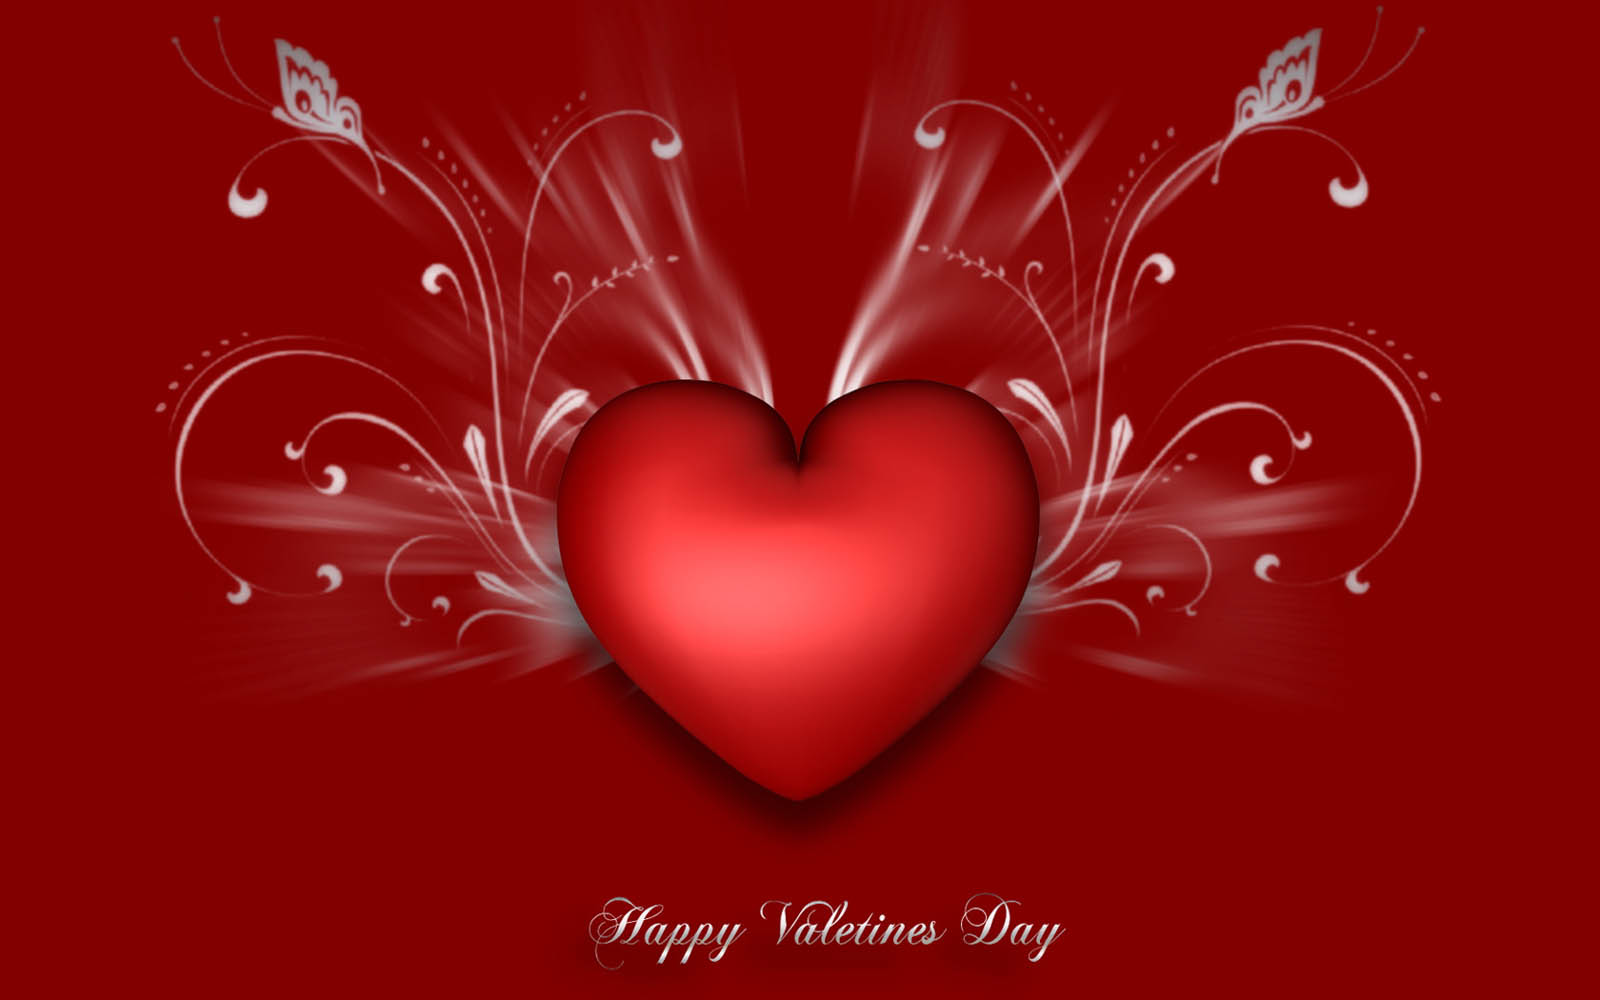 wallpapers Valentines Day Desktop Wallpapers 1600x1000